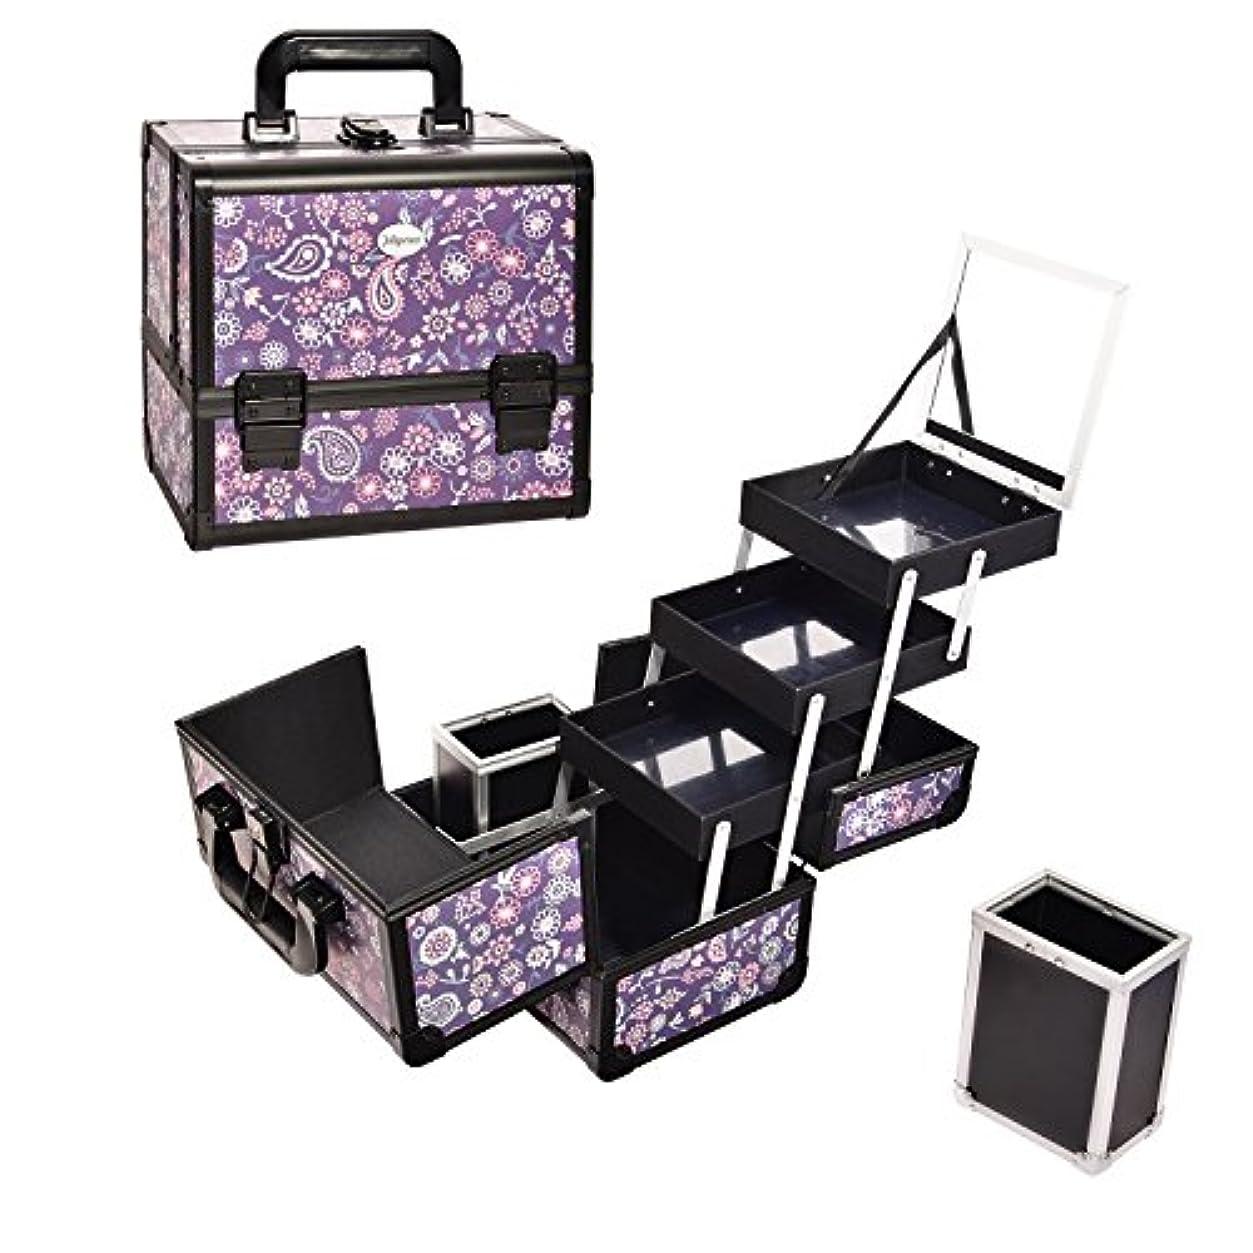 サミット遊び場スクラップメイクアップボックスミラーとブラシホルダー 化粧品ケース ジュエリーオーガナイザー キーによる軽量のロック可能(紫の花)